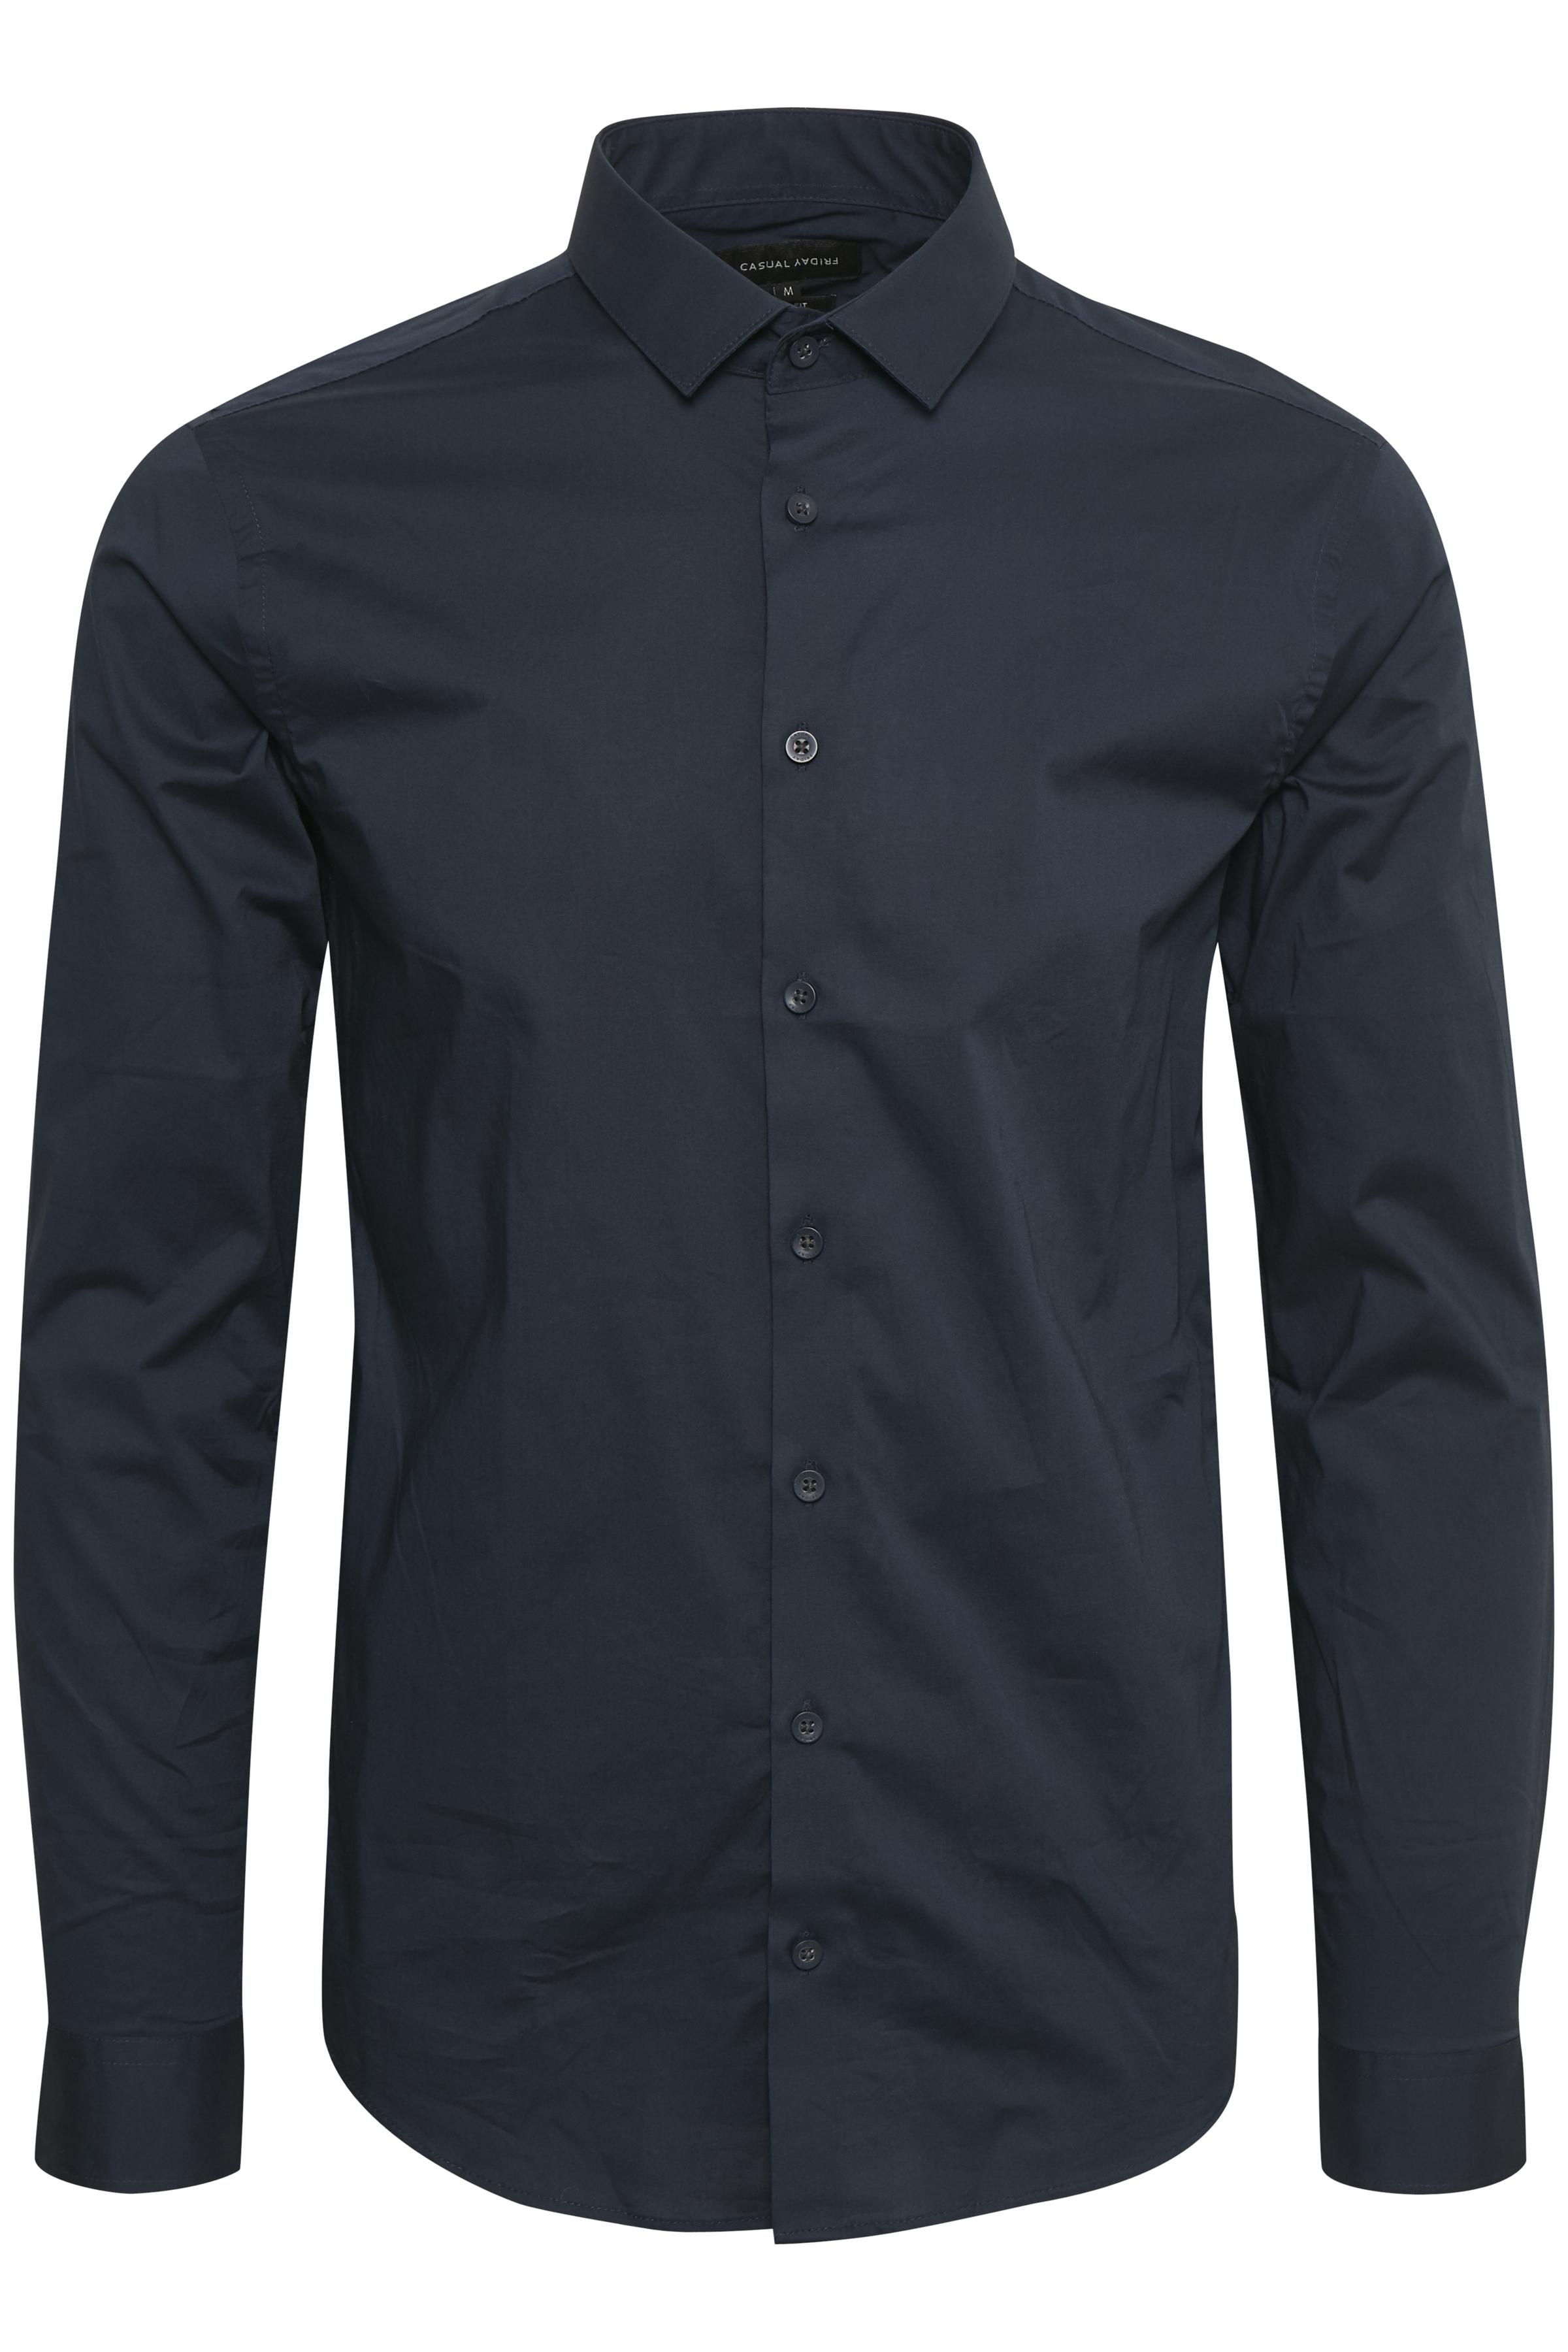 Navy Langærmet skjorte fra Casual Friday – Køb Navy Langærmet skjorte fra str. XXS-3XL her